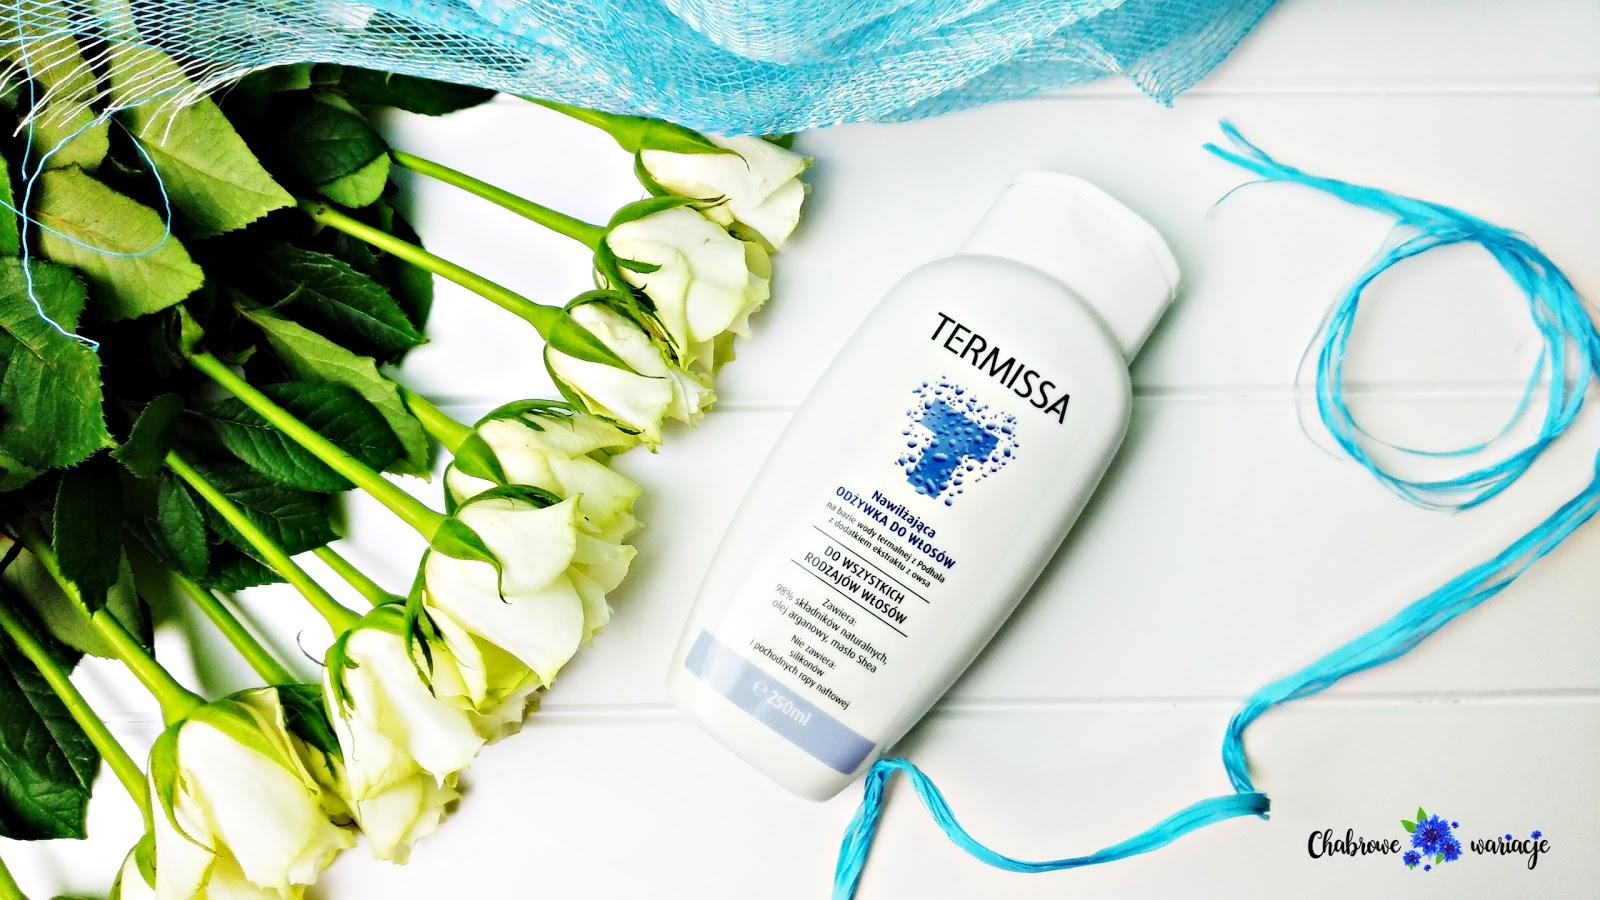 Termissa - nawilżająca odżywka do włosów.